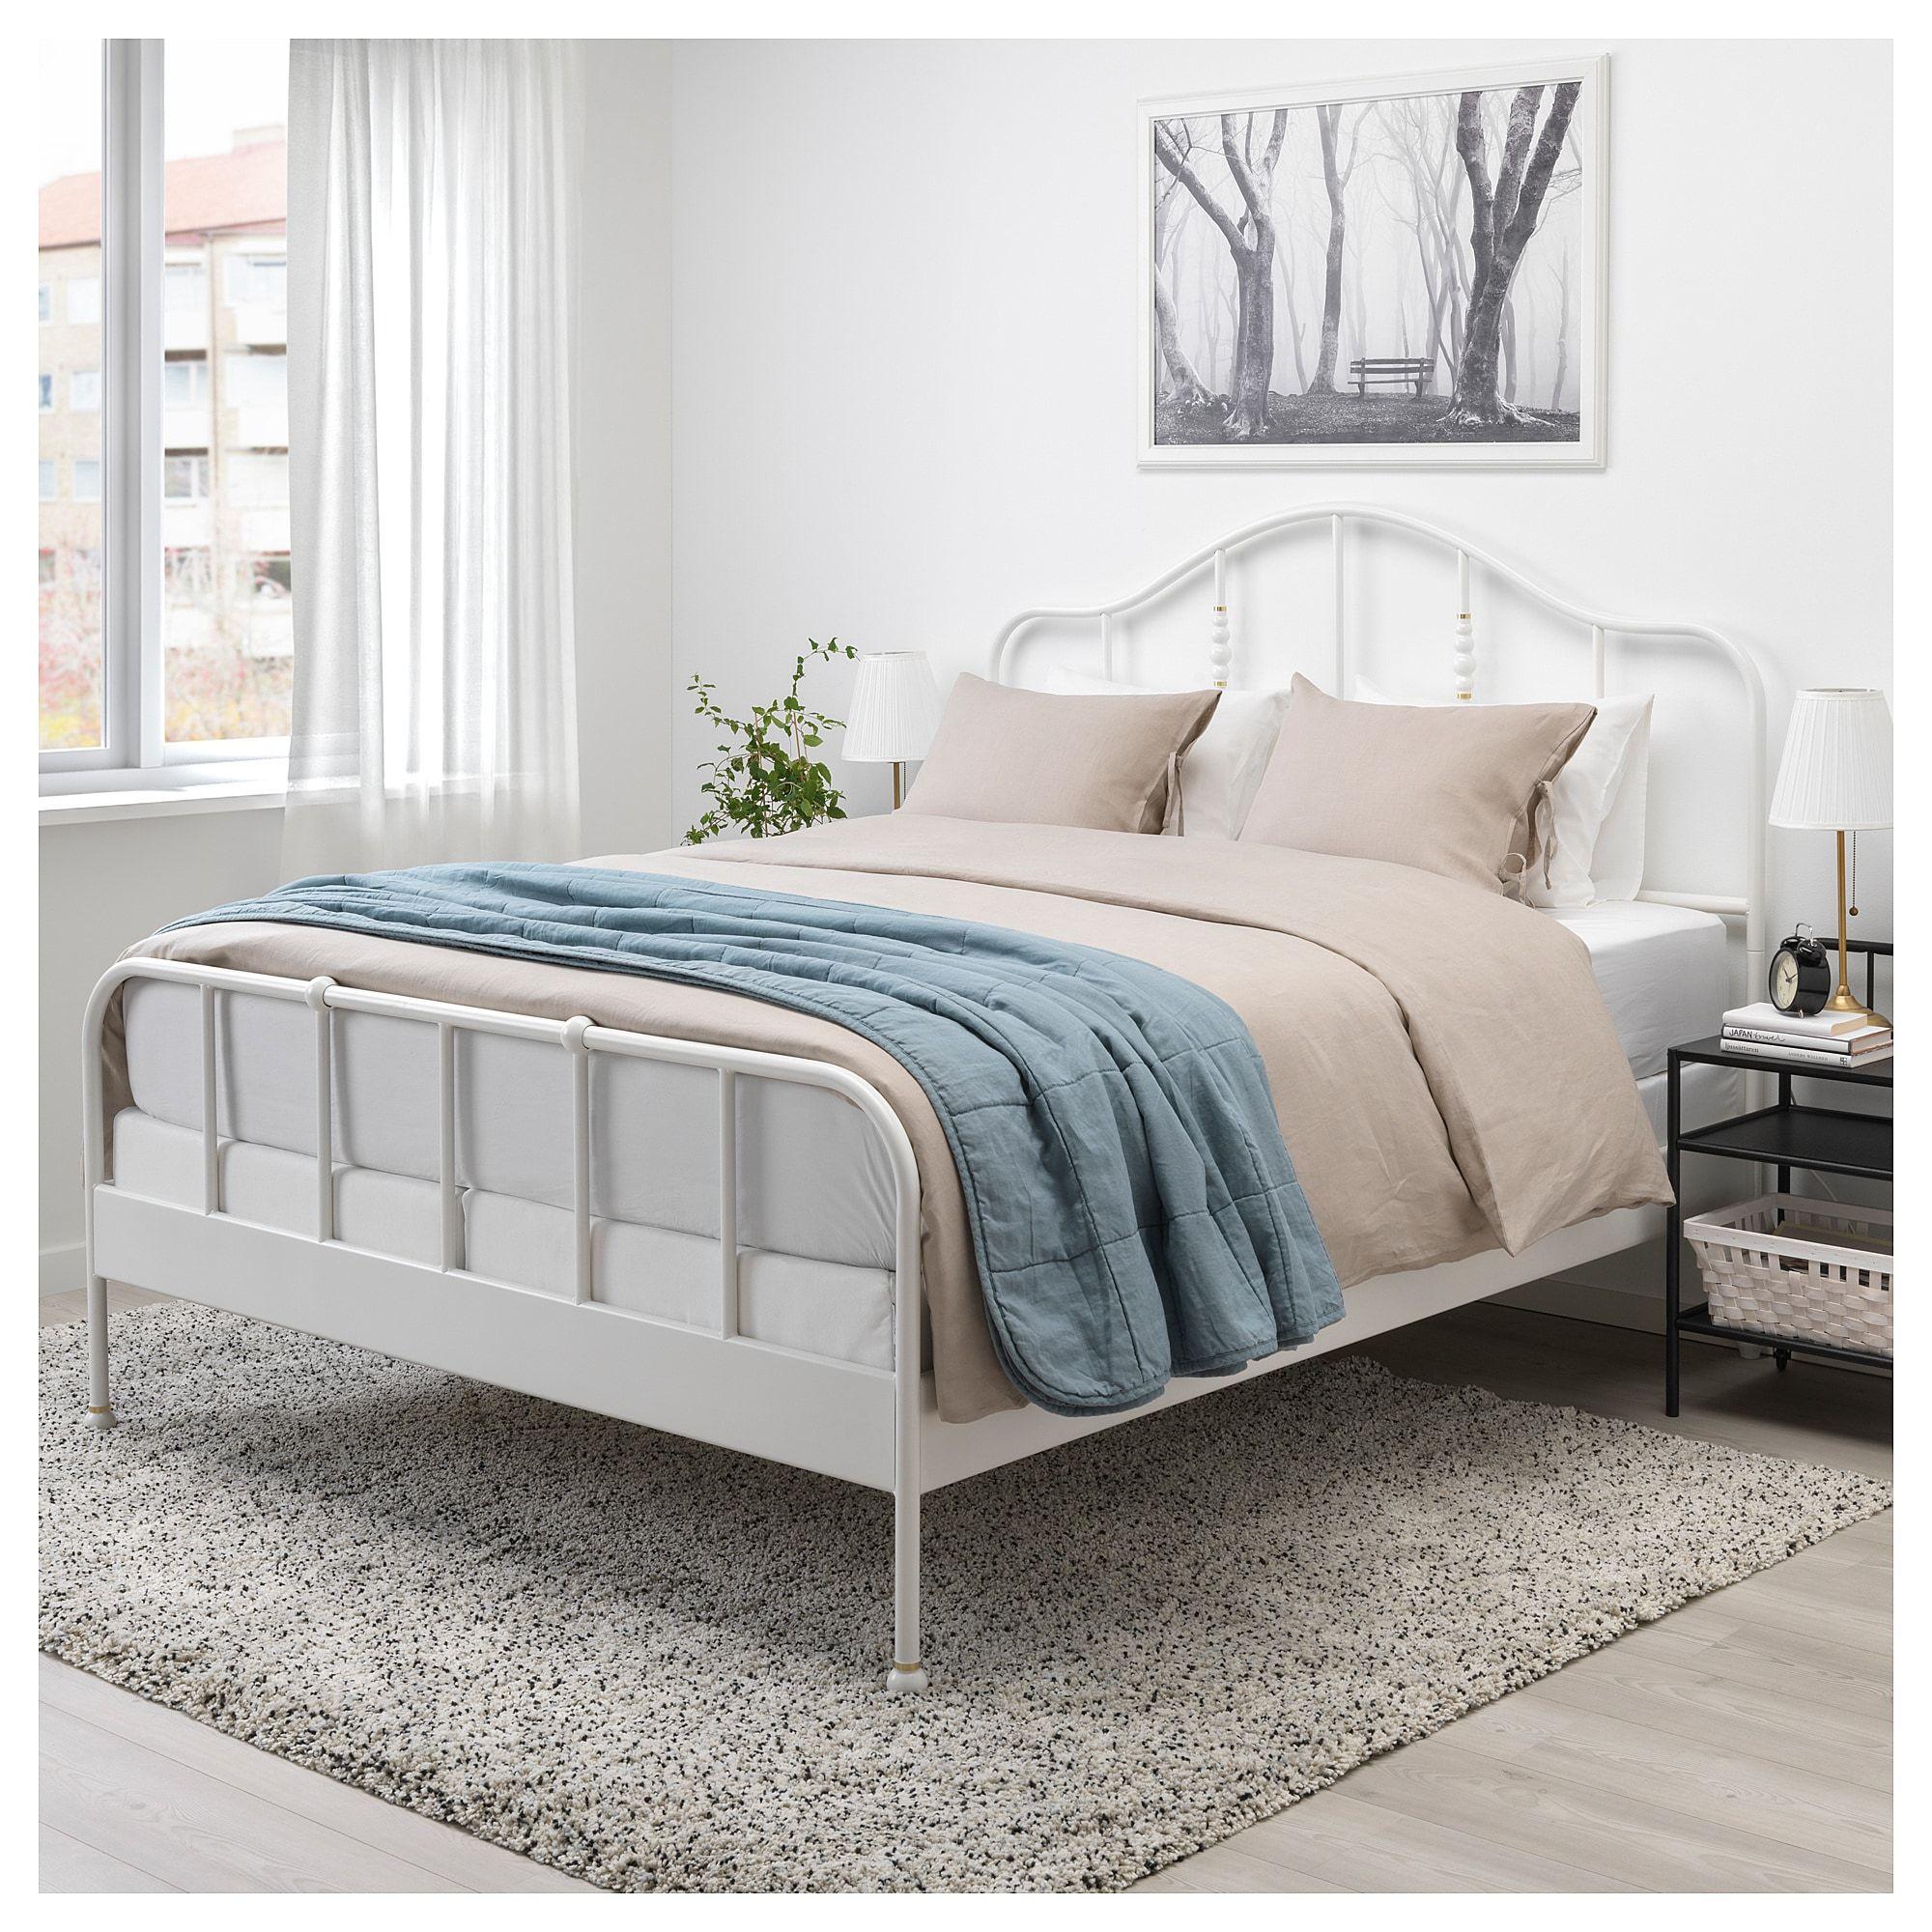 Sagstua Bed Frame White Eidfjord Full Bed Frame Ikea Bed